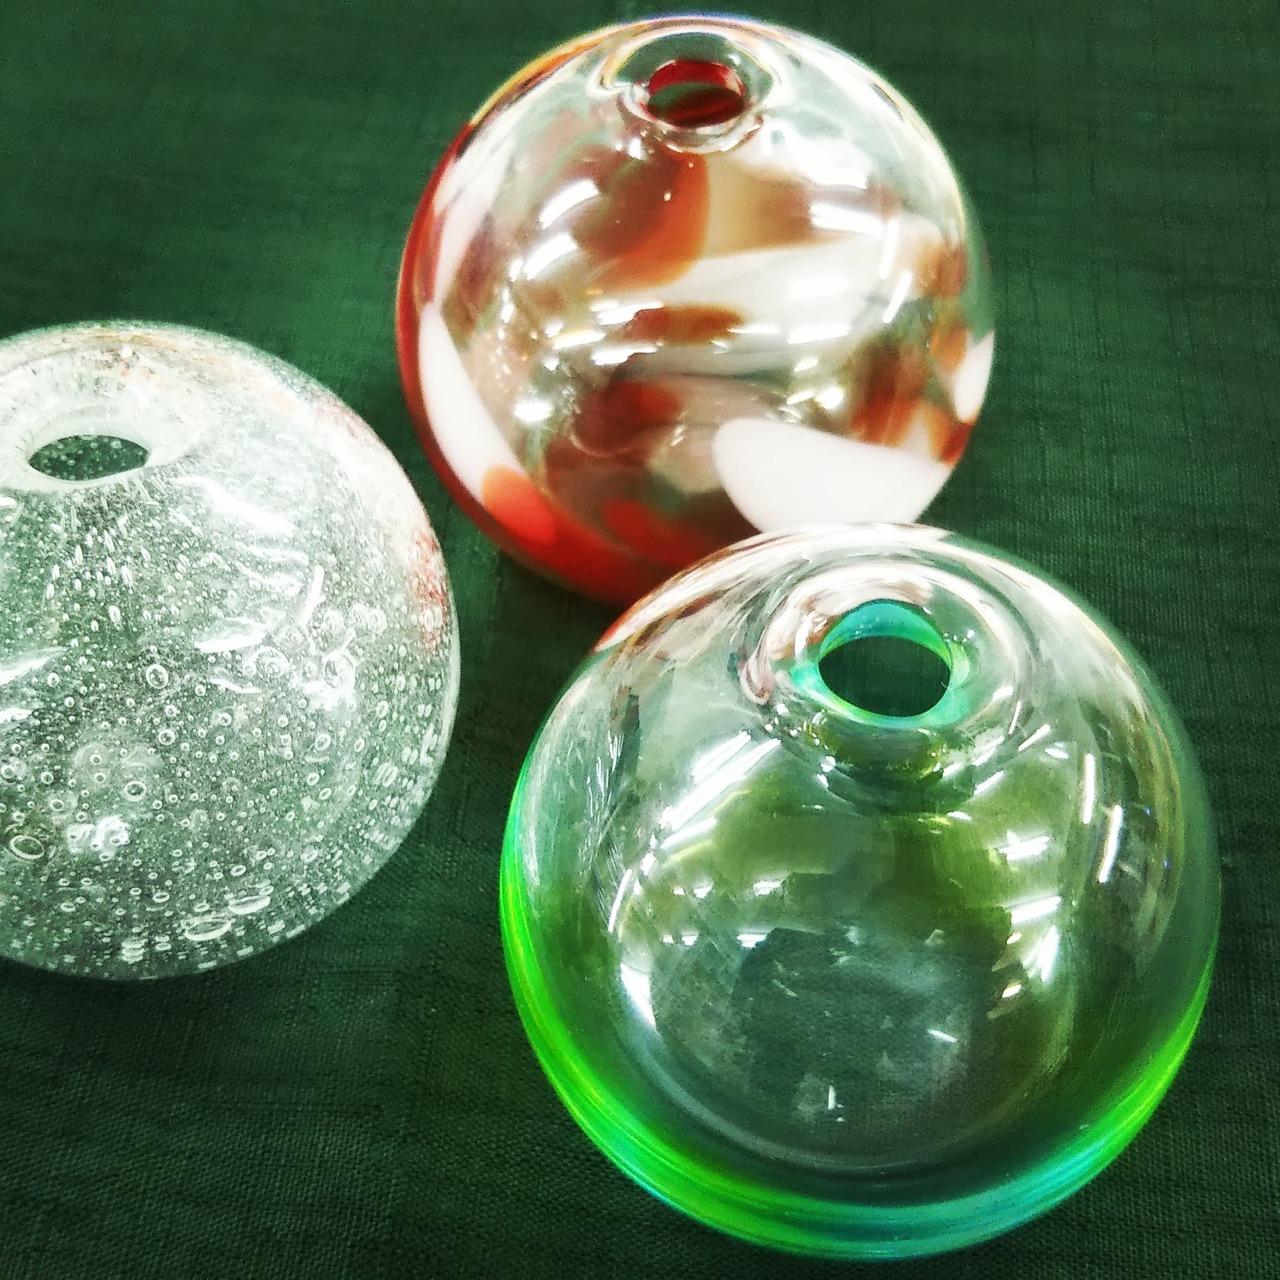 【大田】ガラス工芸フェア~① 吹きガラスで、一輪挿しのオリジナル花瓶をつくろう!~ 2020年4月12日(日)